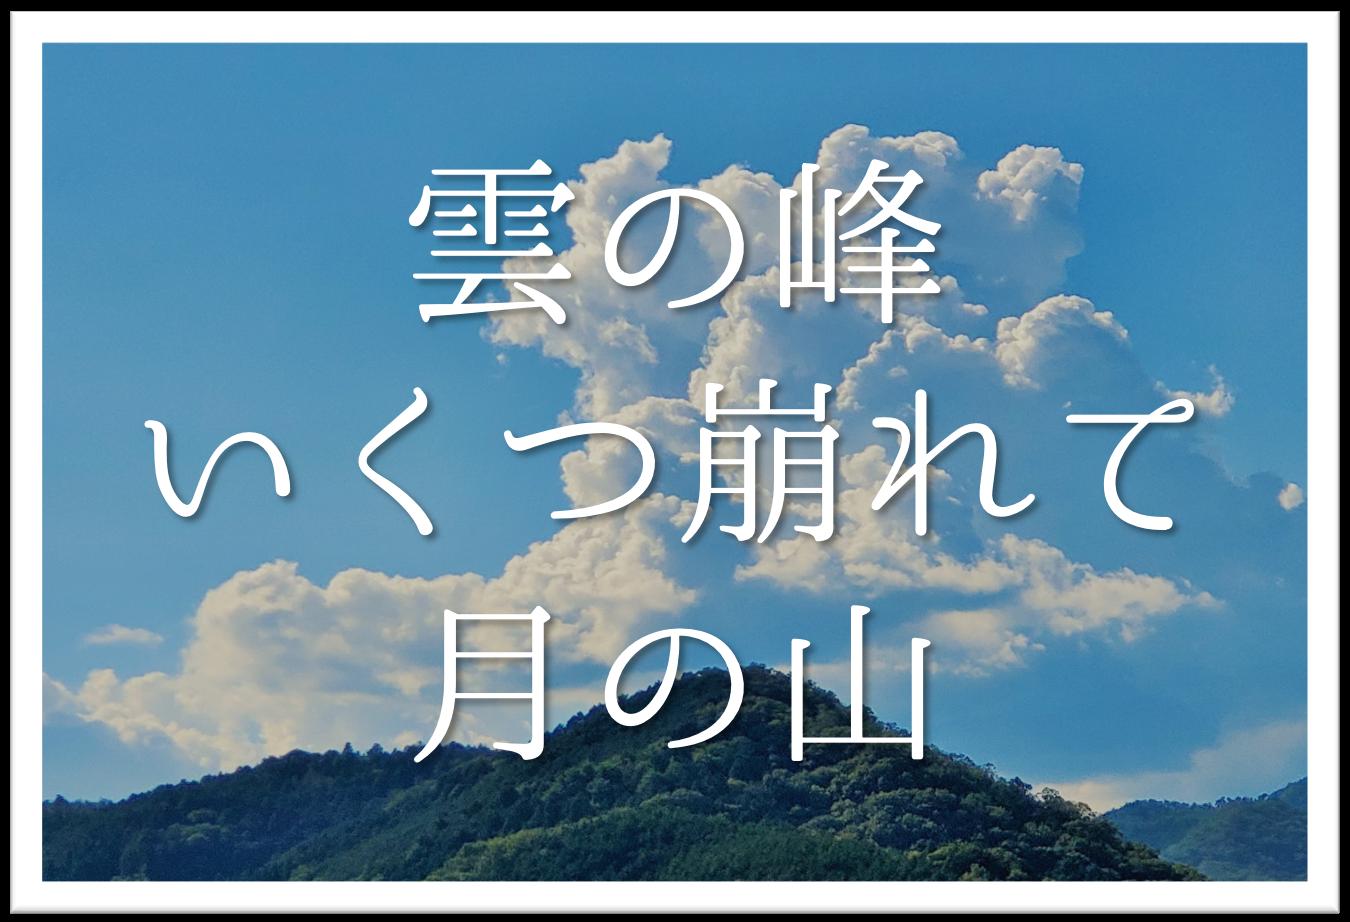 【雲の峰いくつ崩れて月の山】俳句の季語や意味・表現技法・鑑賞・作者など徹底解説!!